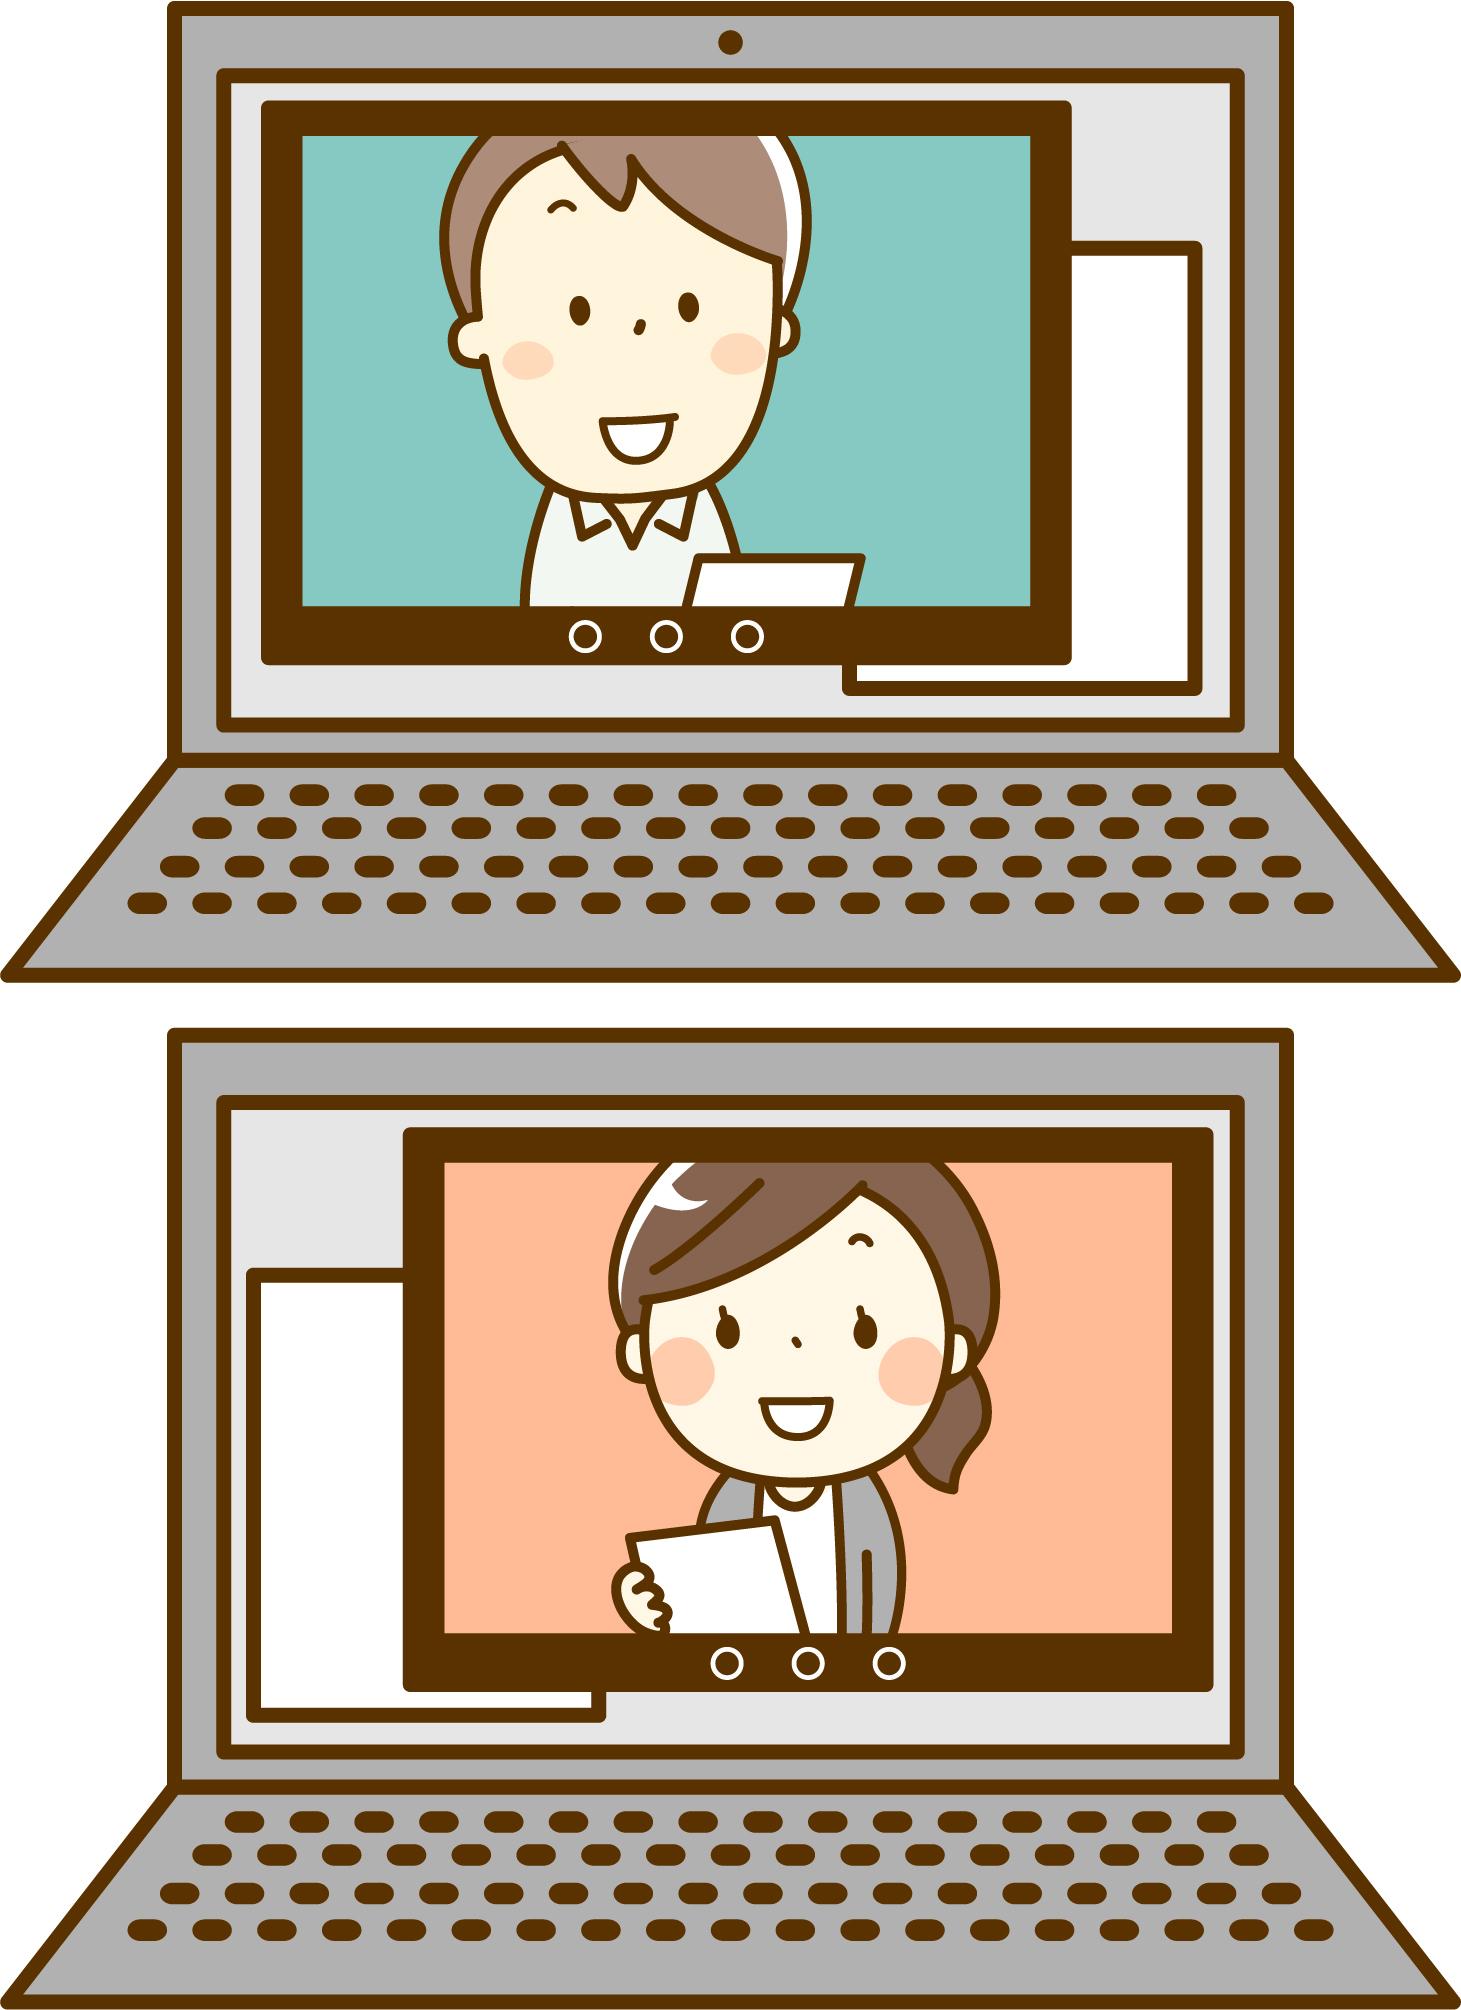 「新しい生活様式」に準じてZoomを使ったオンライン終活相談を始めます。